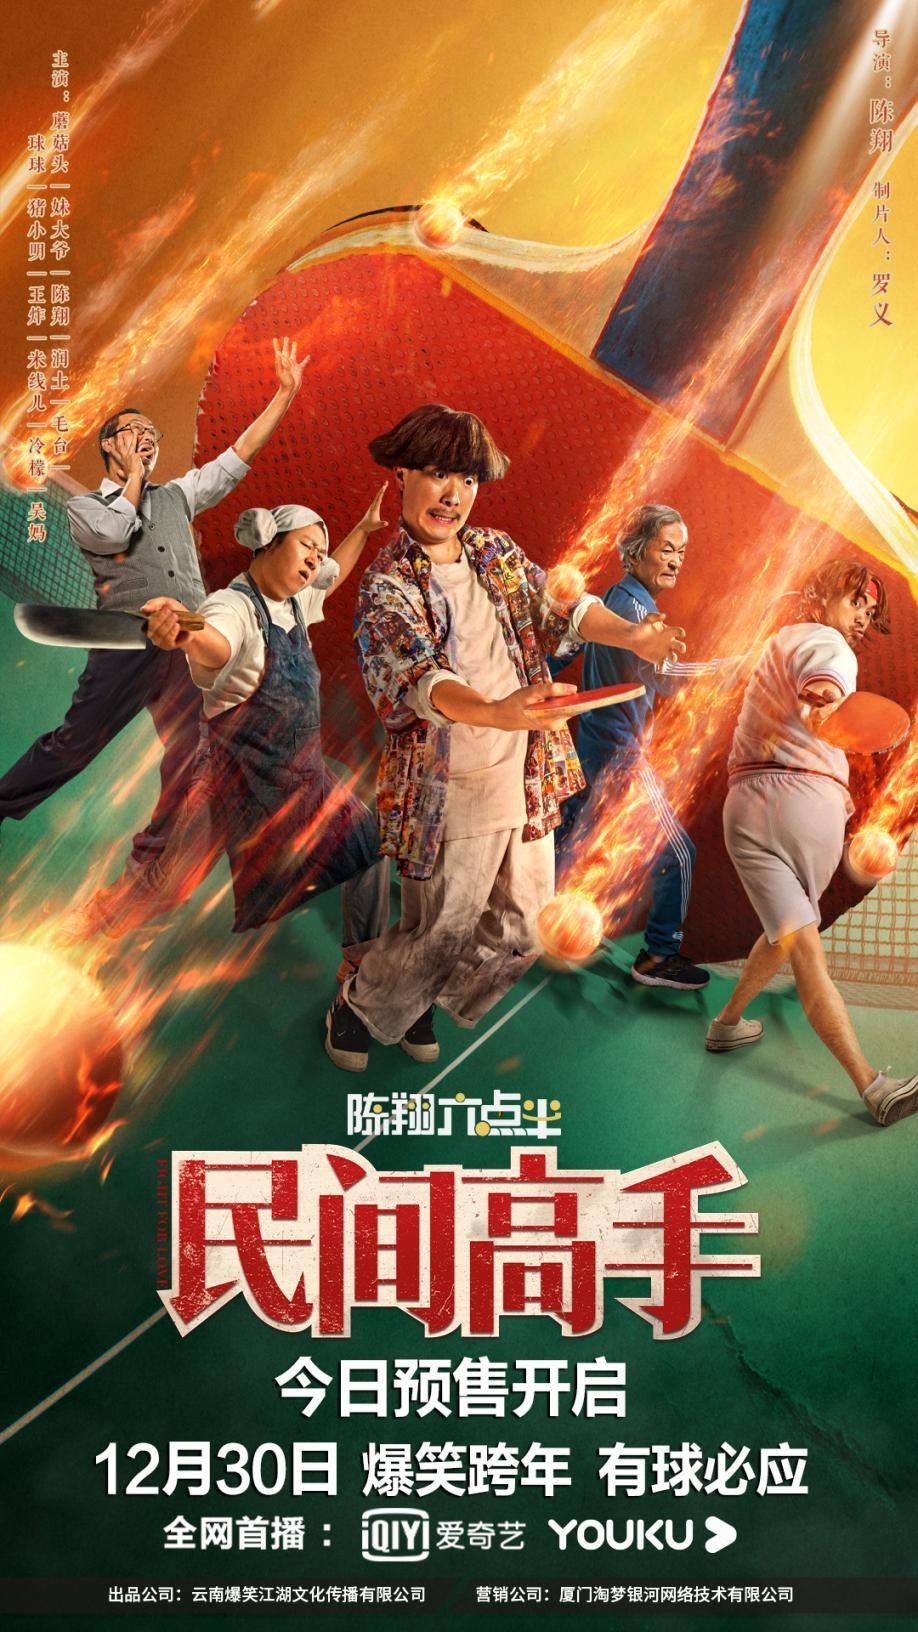 《陈翔六点半之民间高手》预售开场喜剧天空群笑